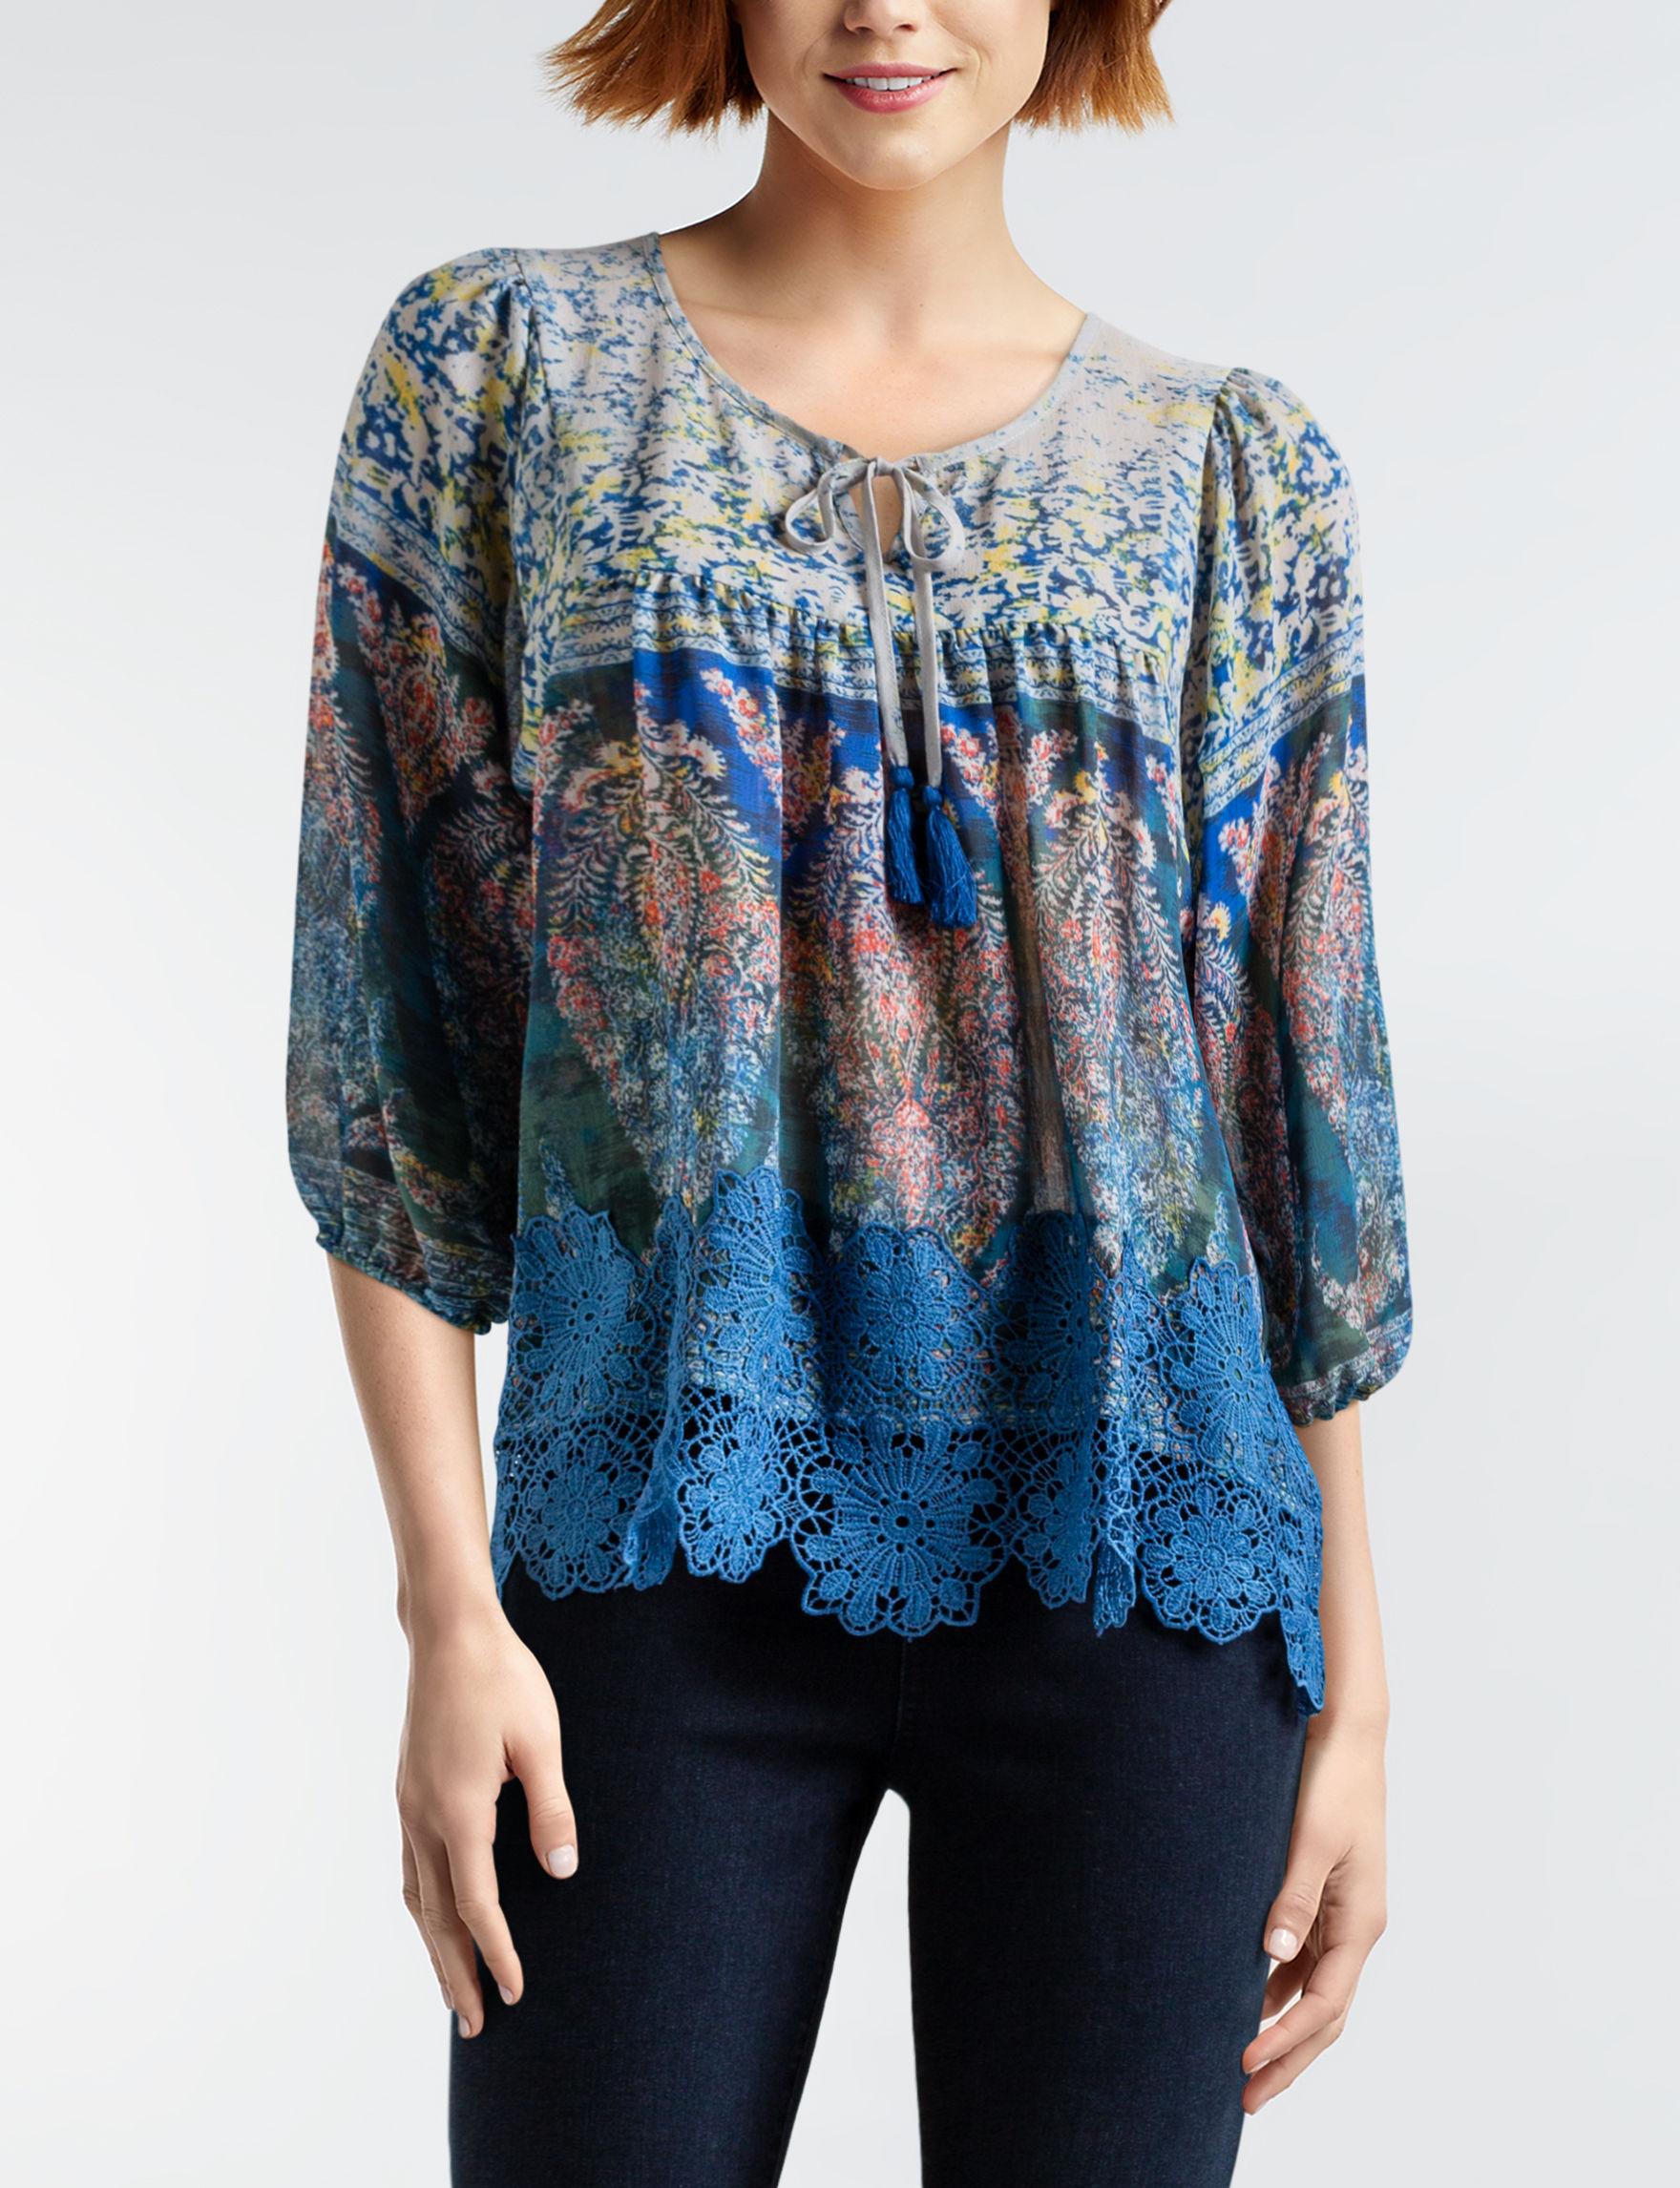 Latitude 10 Blue Multi Shirts & Blouses